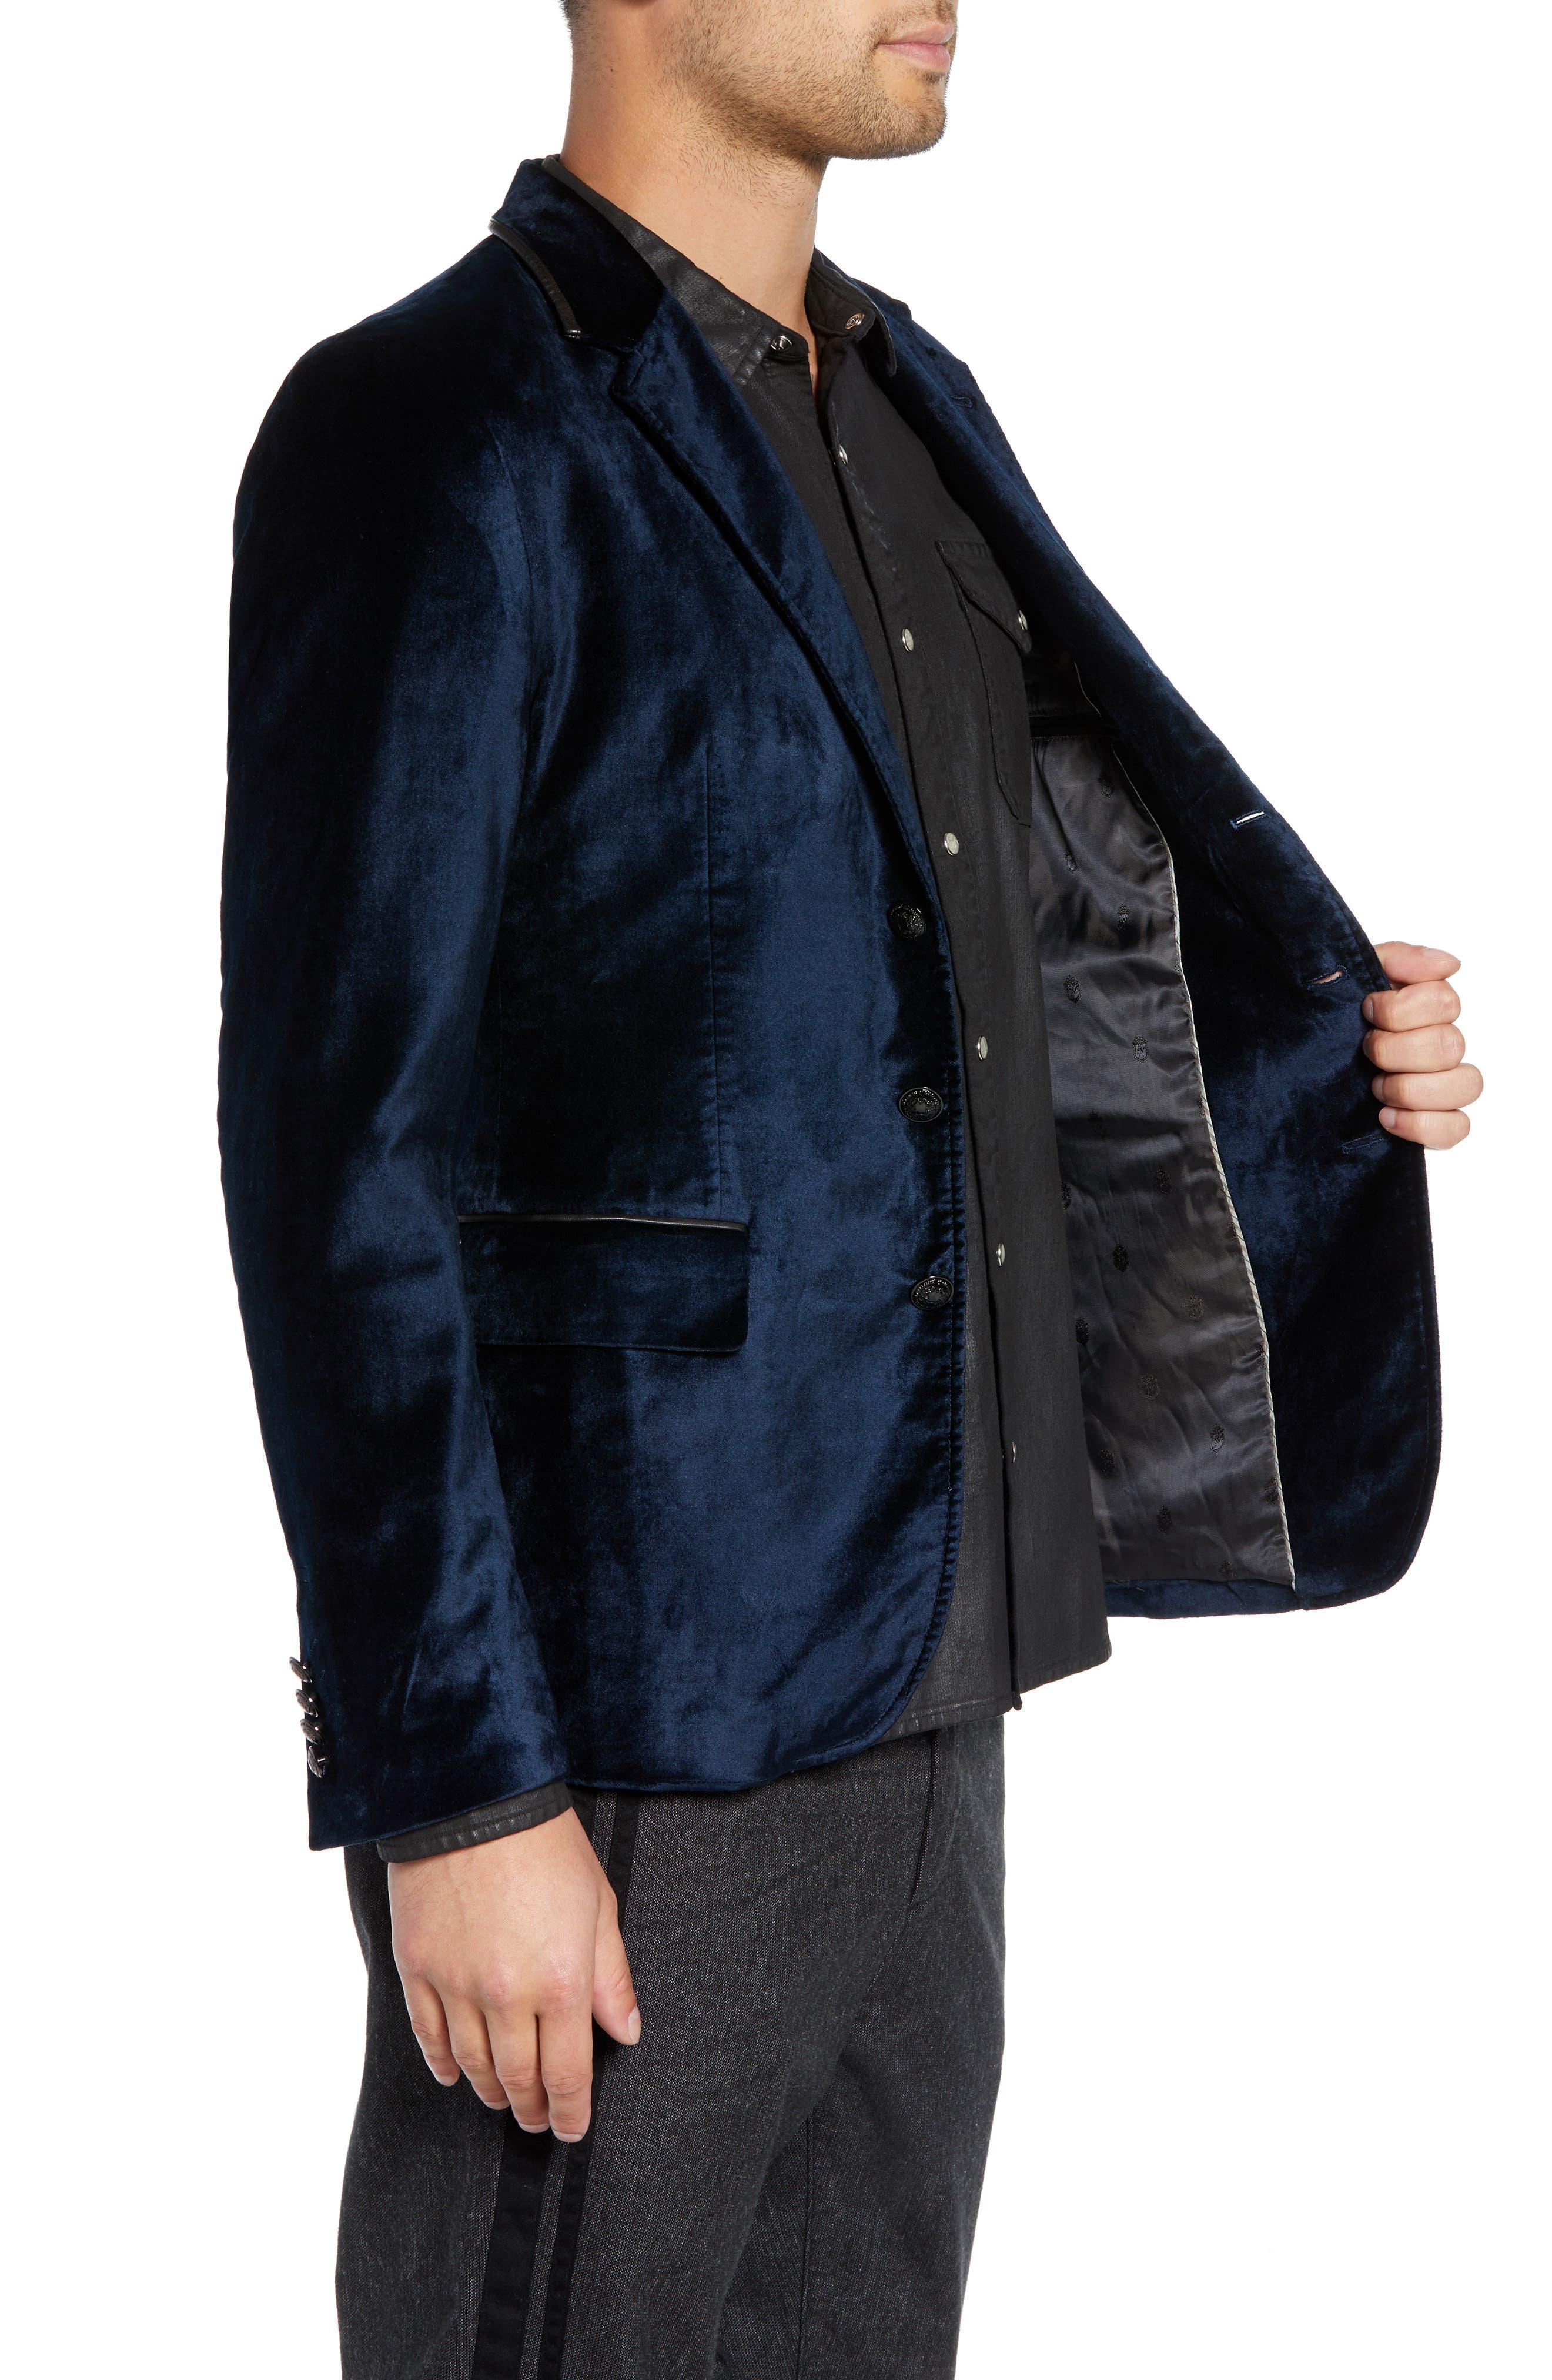 Velvet Dinner Jacket with Leather Trim,                             Alternate thumbnail 3, color,                             478